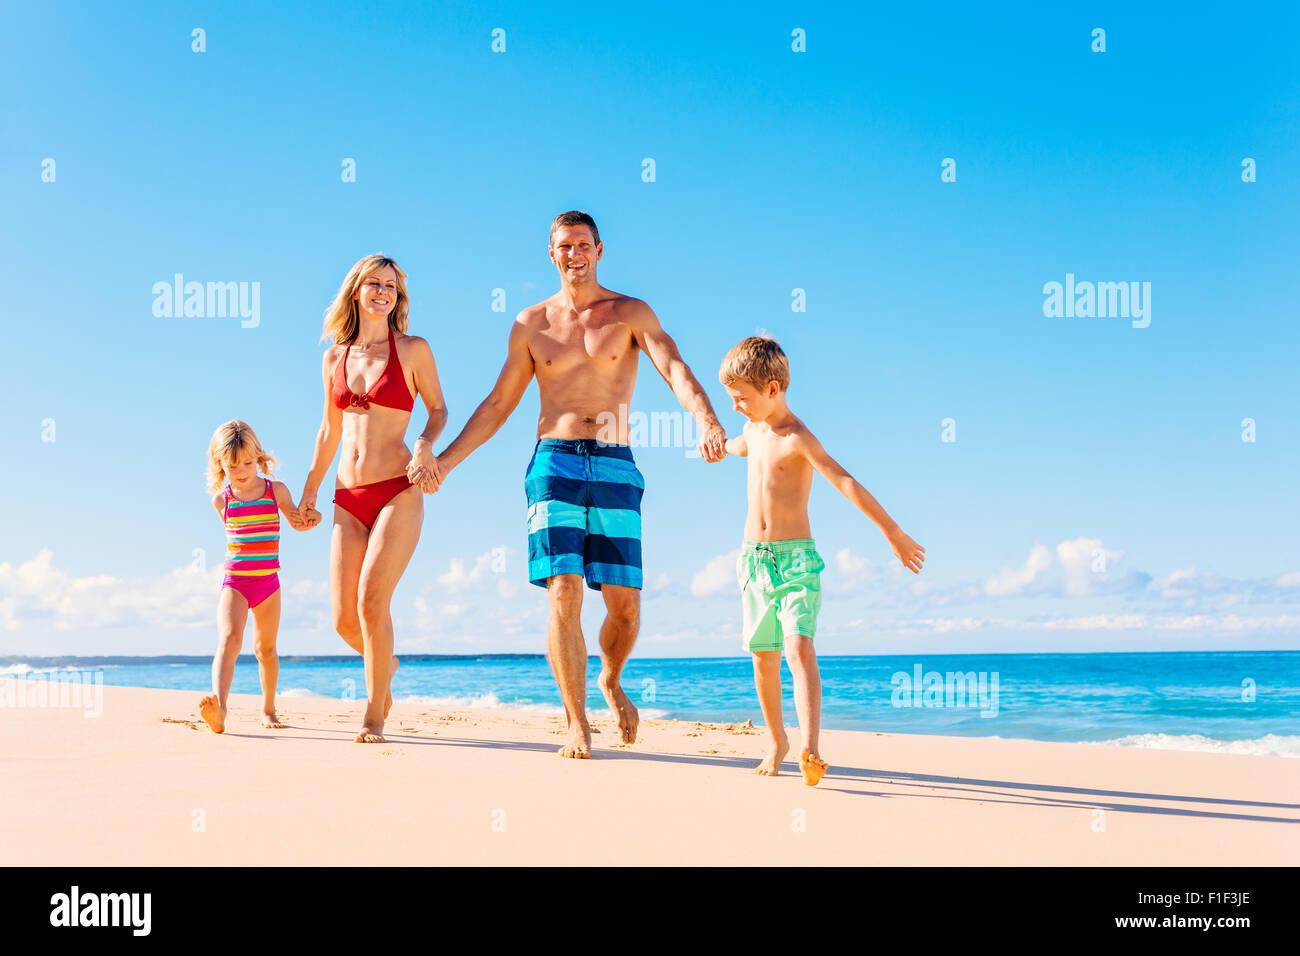 Vacances en famille. Happy Family having fun sur la belle plage ensoleillé chaud. Vie d'été Photo Stock